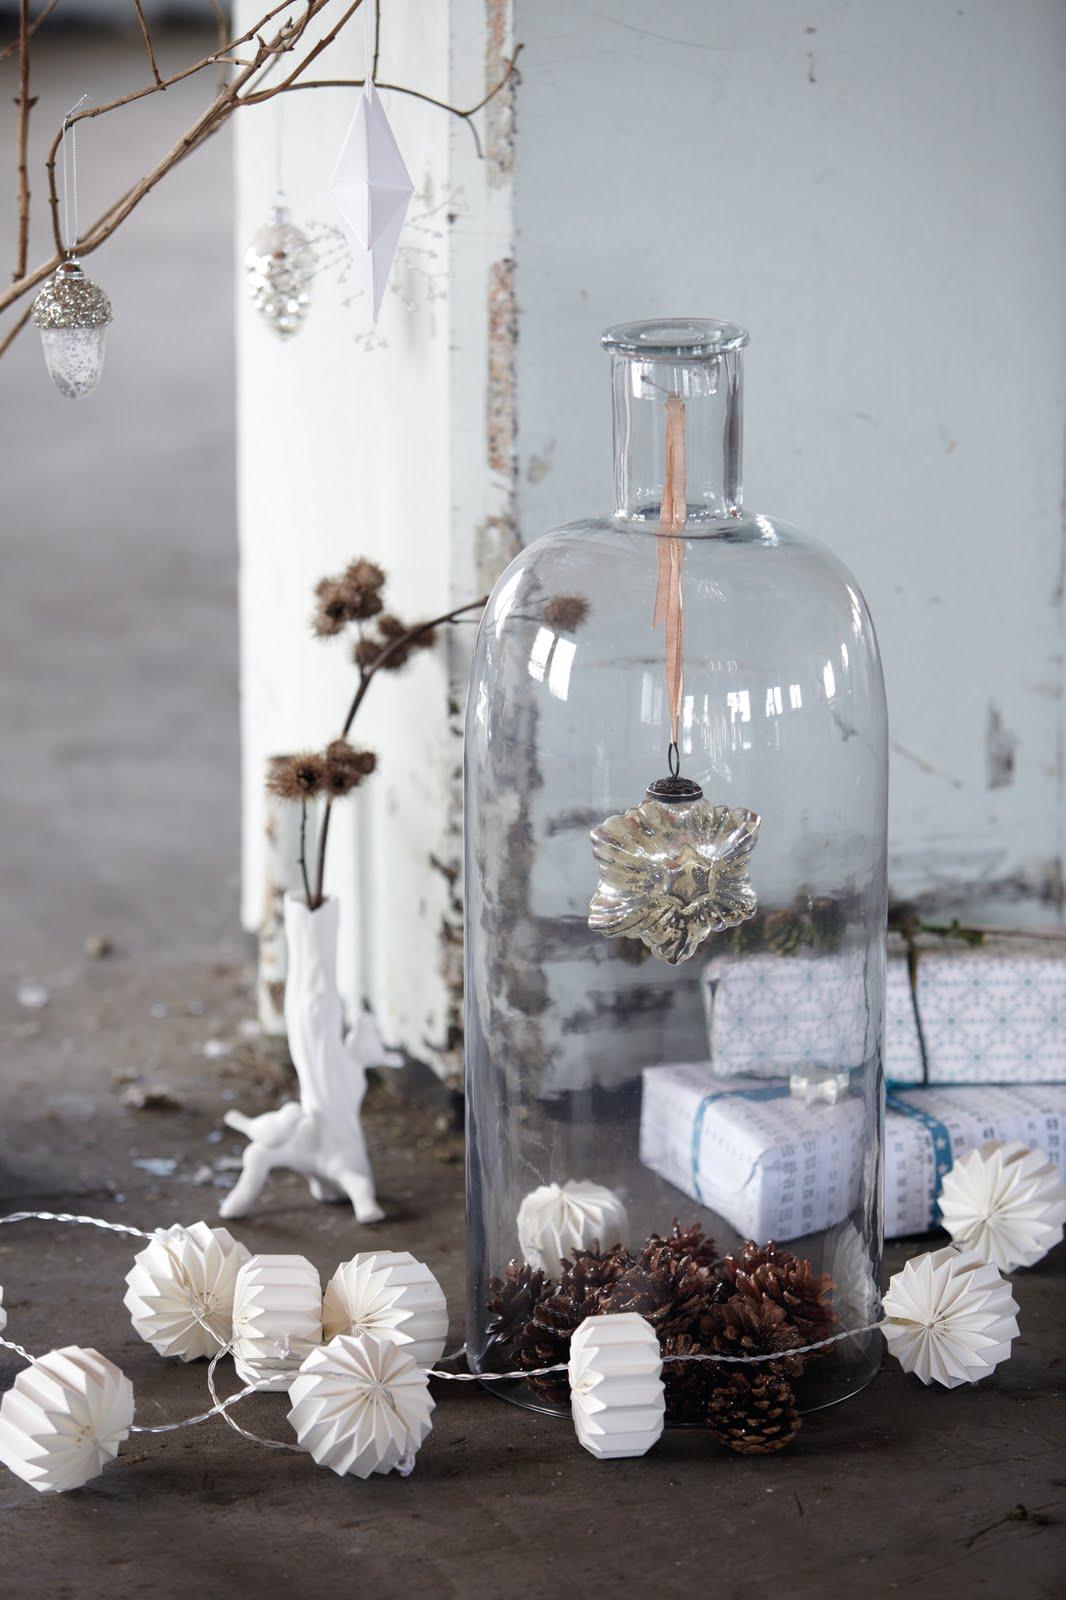 Decoraci n navidad en shop nordico estilo nordico for Doctor house decoracion